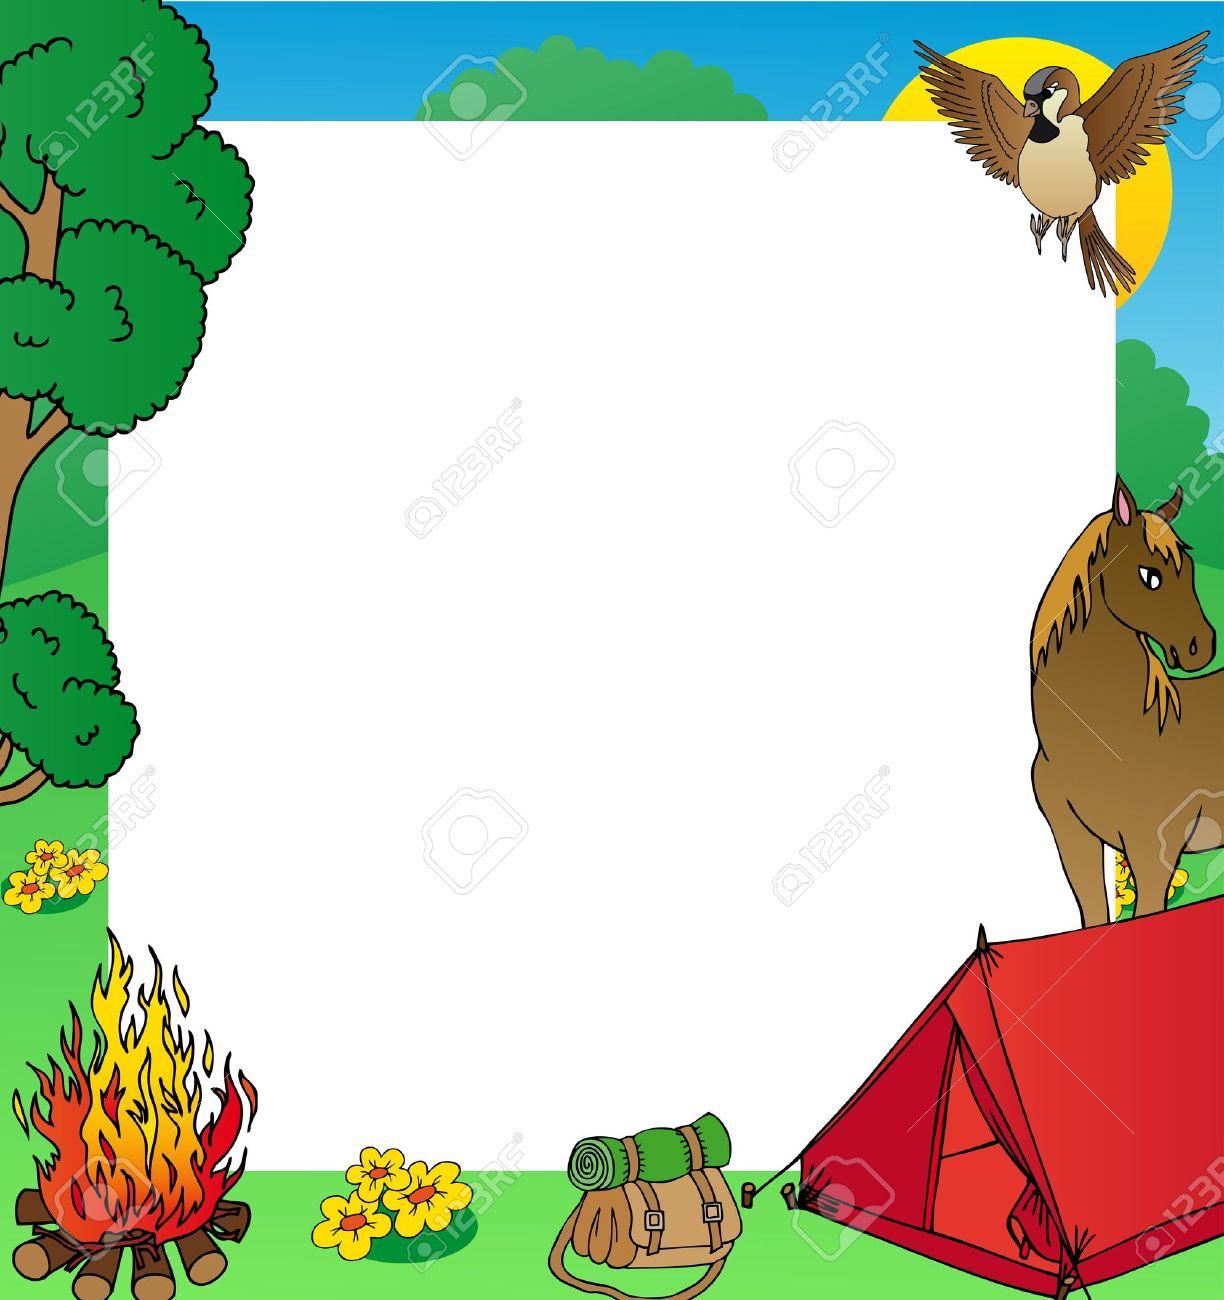 Marco De Verano De Camping - Ilustración Vectorial Ilustraciones ...